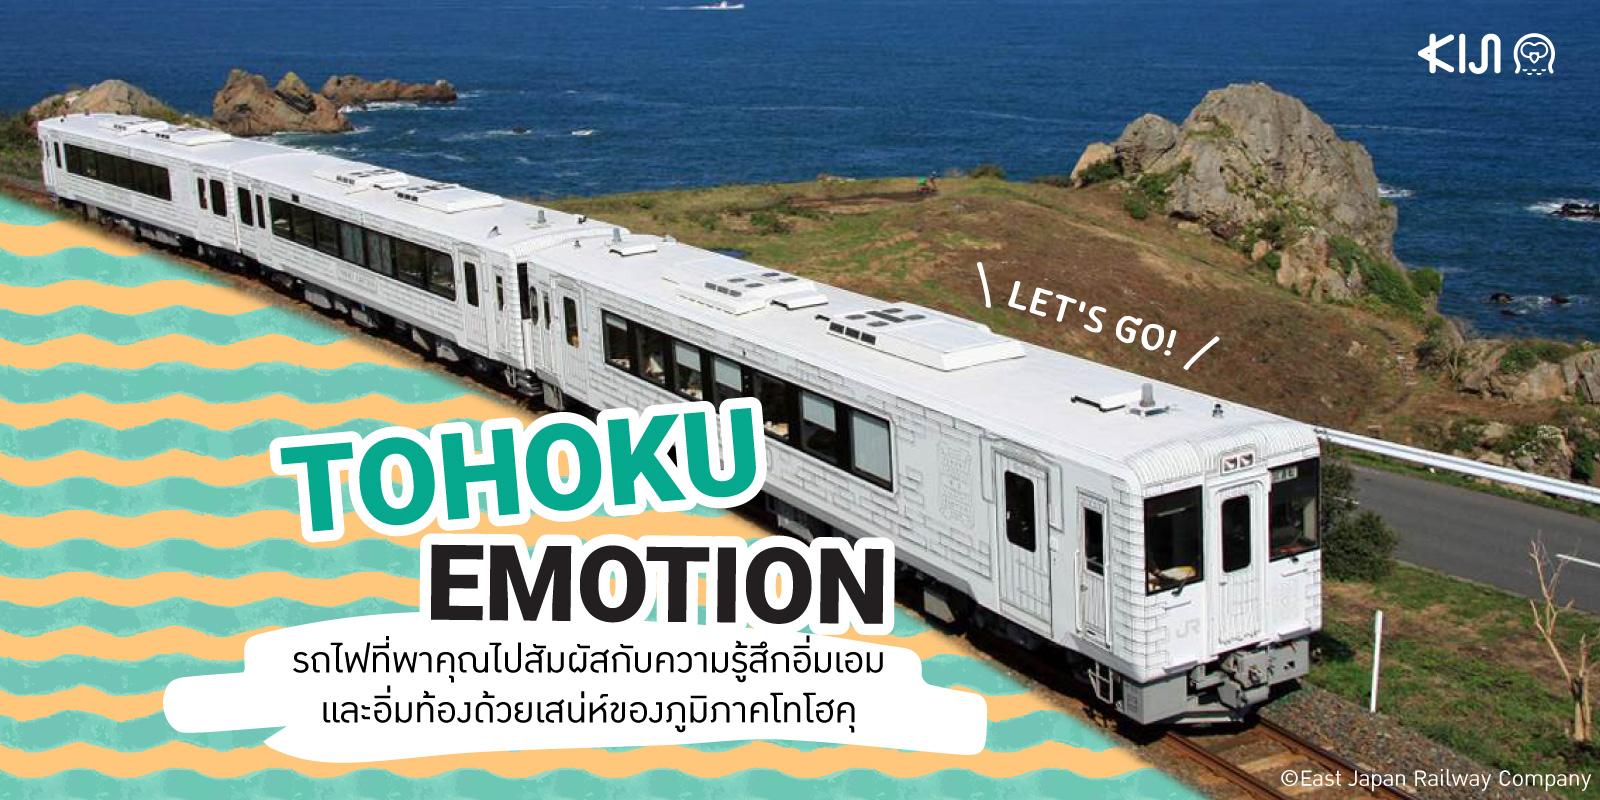 รถไฟ TOHOKU EMOTION จากอาโอโมริ สู่อิวาเตะ